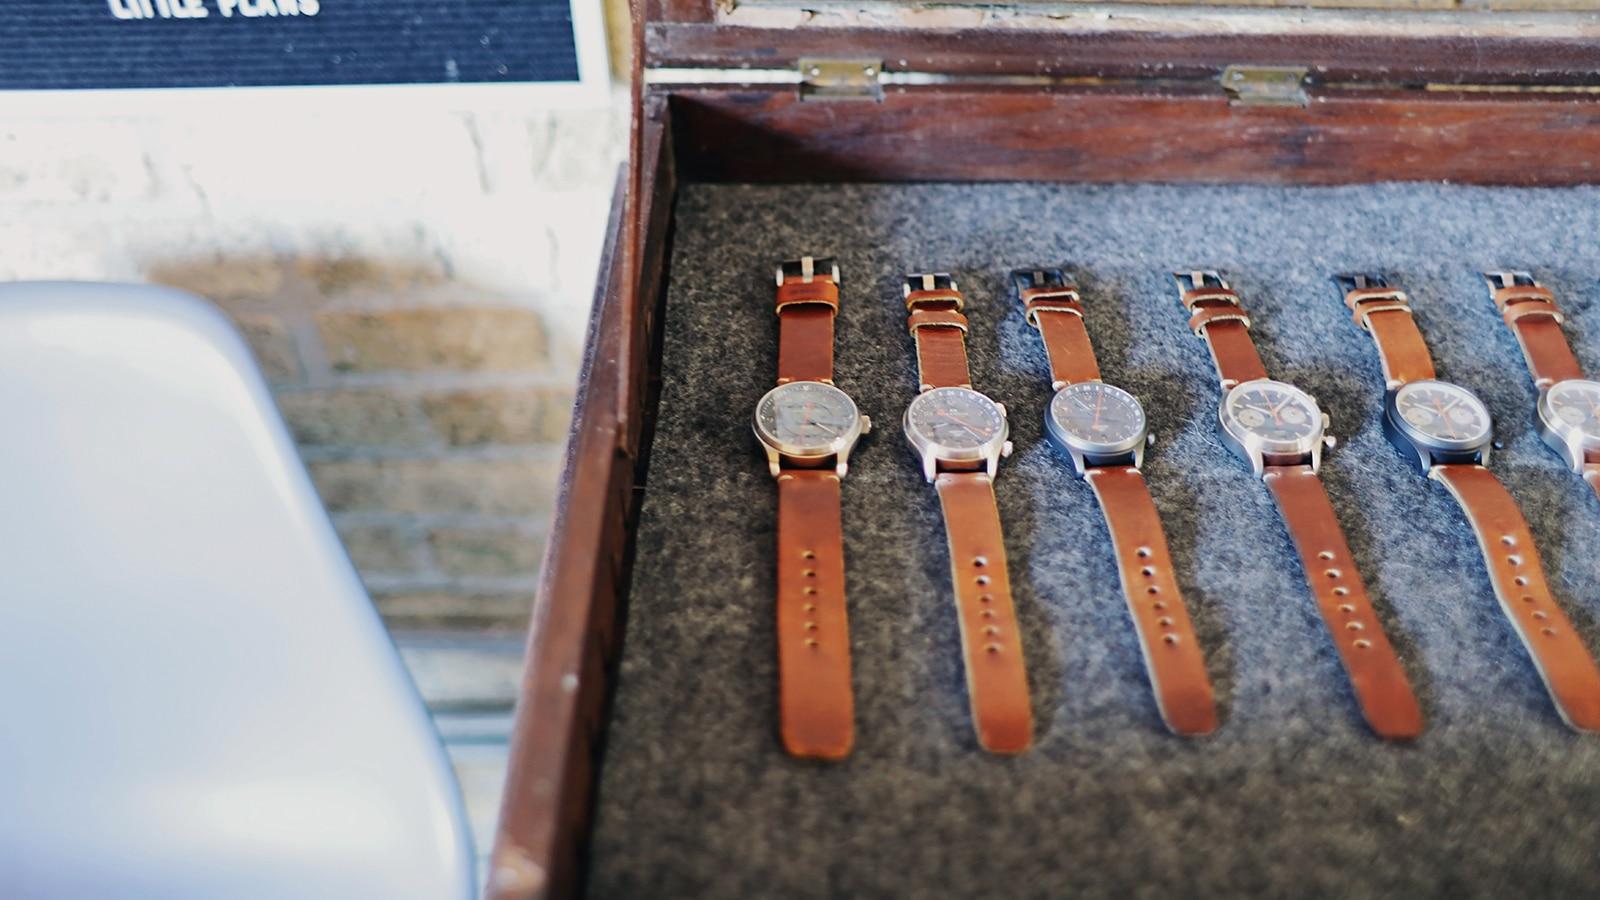 Una hilera de relojes con correas de piel marrón en una caja de madera con forro de felpa.